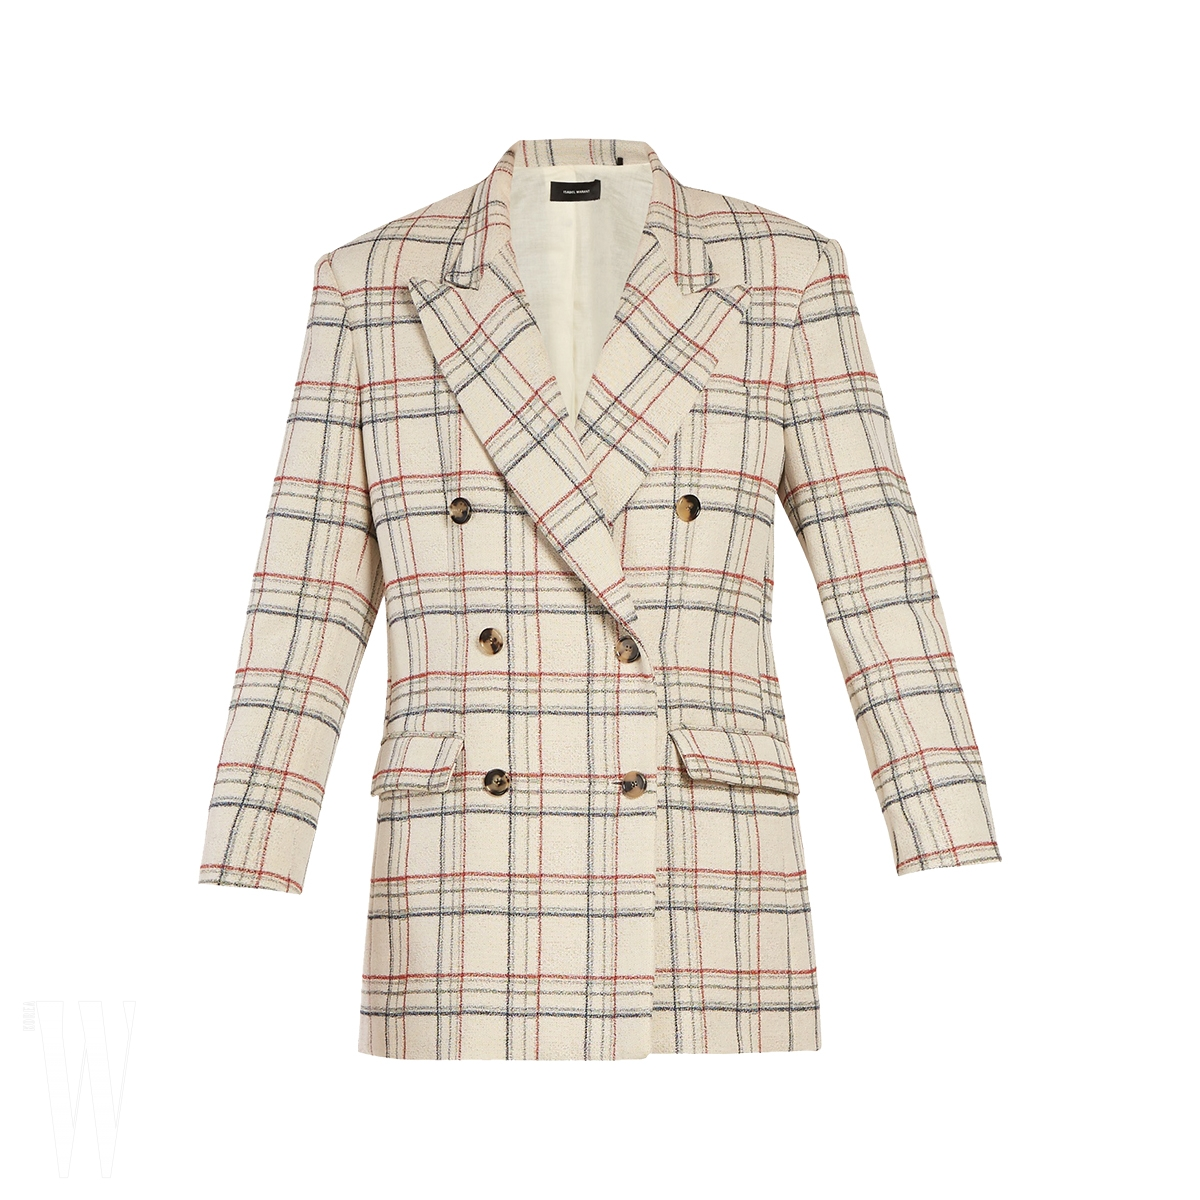 ISABEL MARANT 체크무늬 재킷은 이자벨 마랑 제품. 1백만원대.